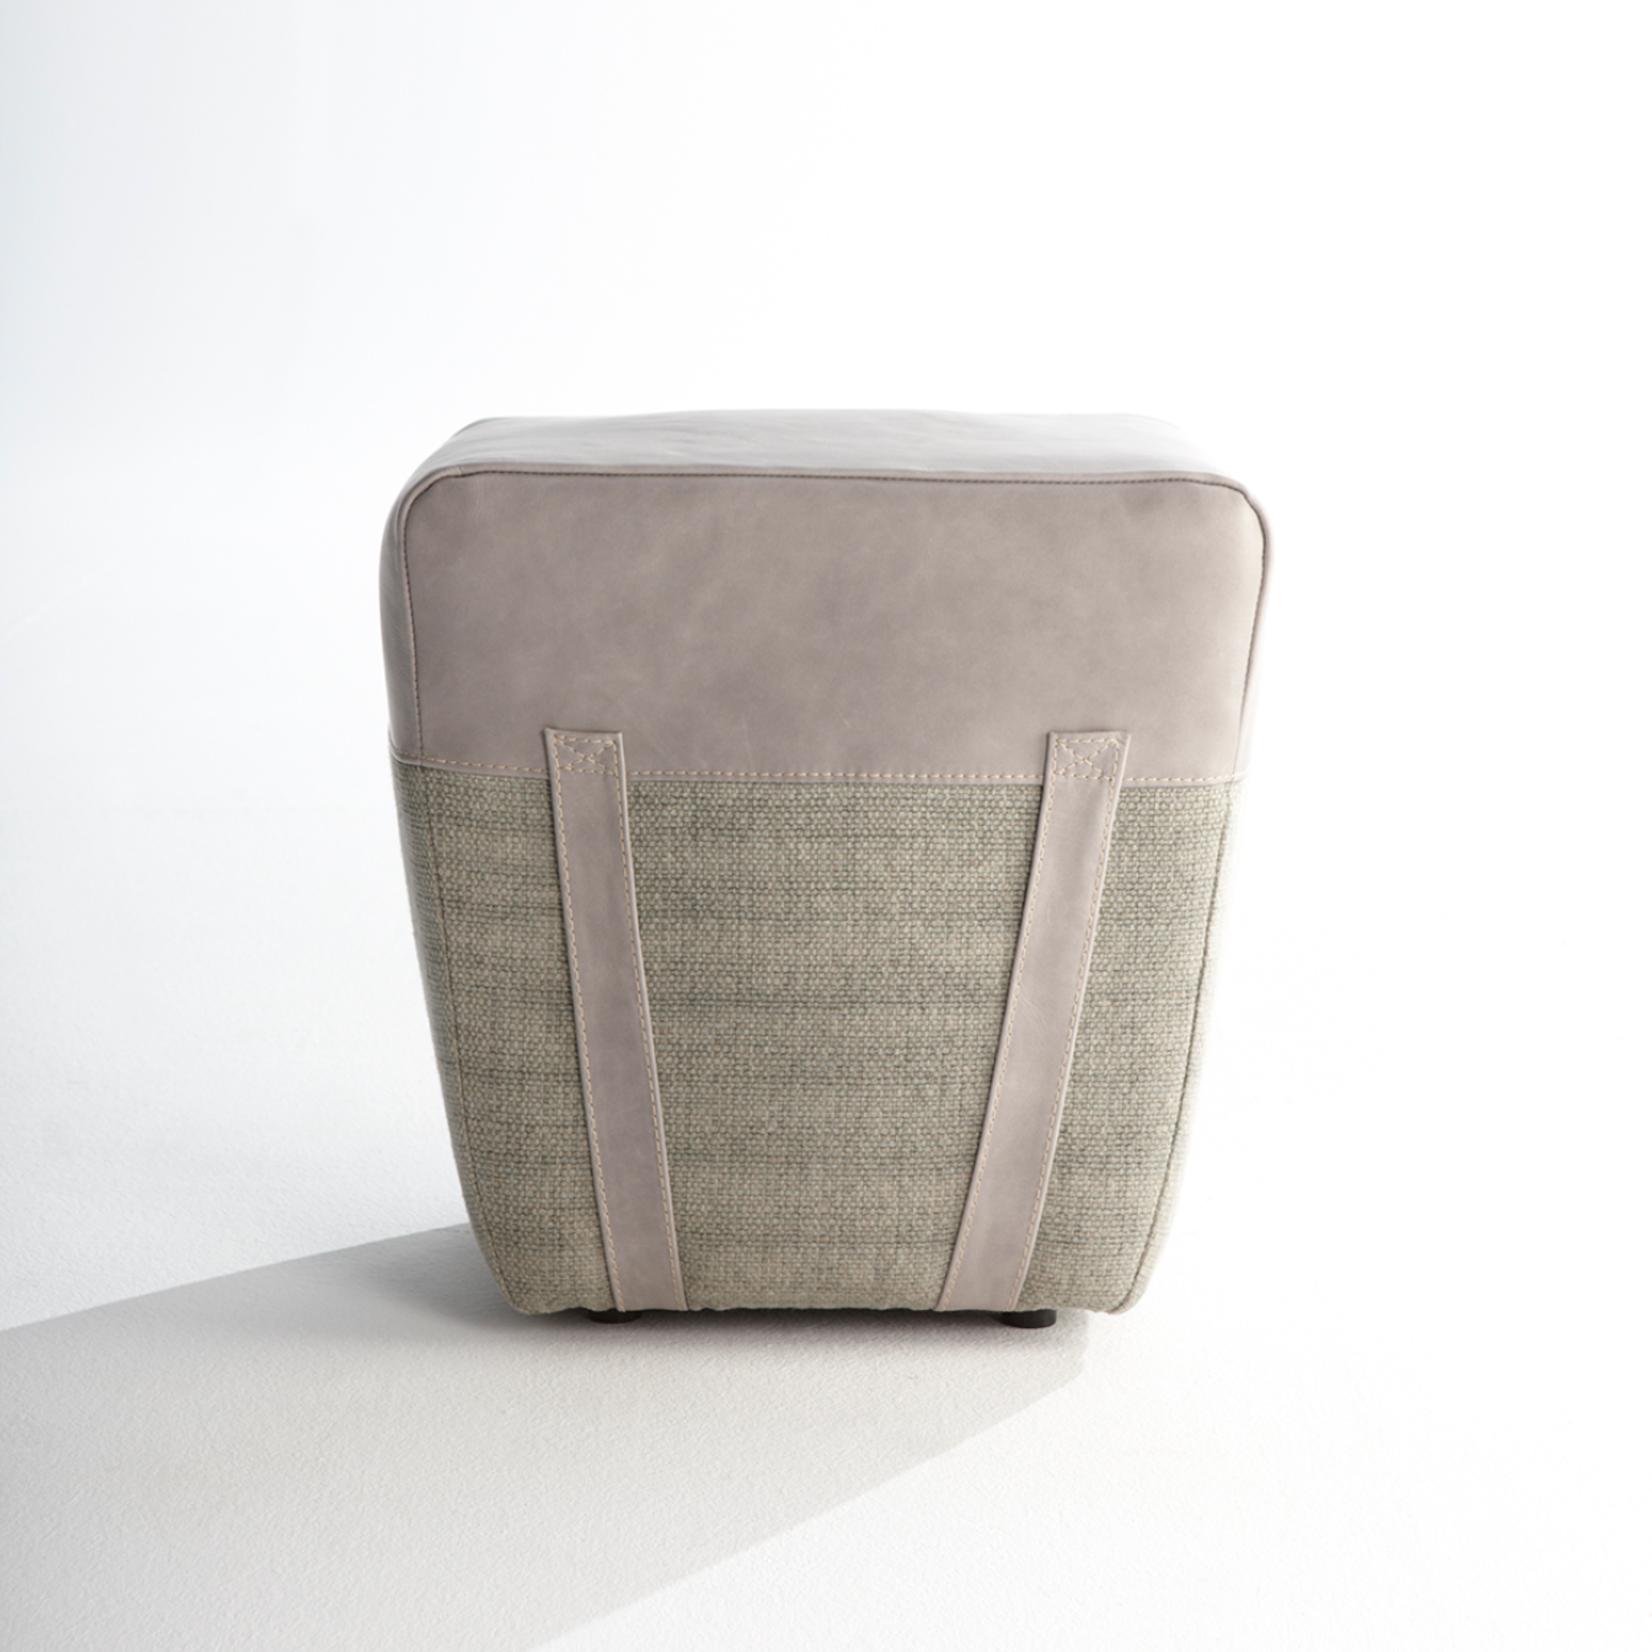 LABEL | Vandenberg Zium Hocker grey